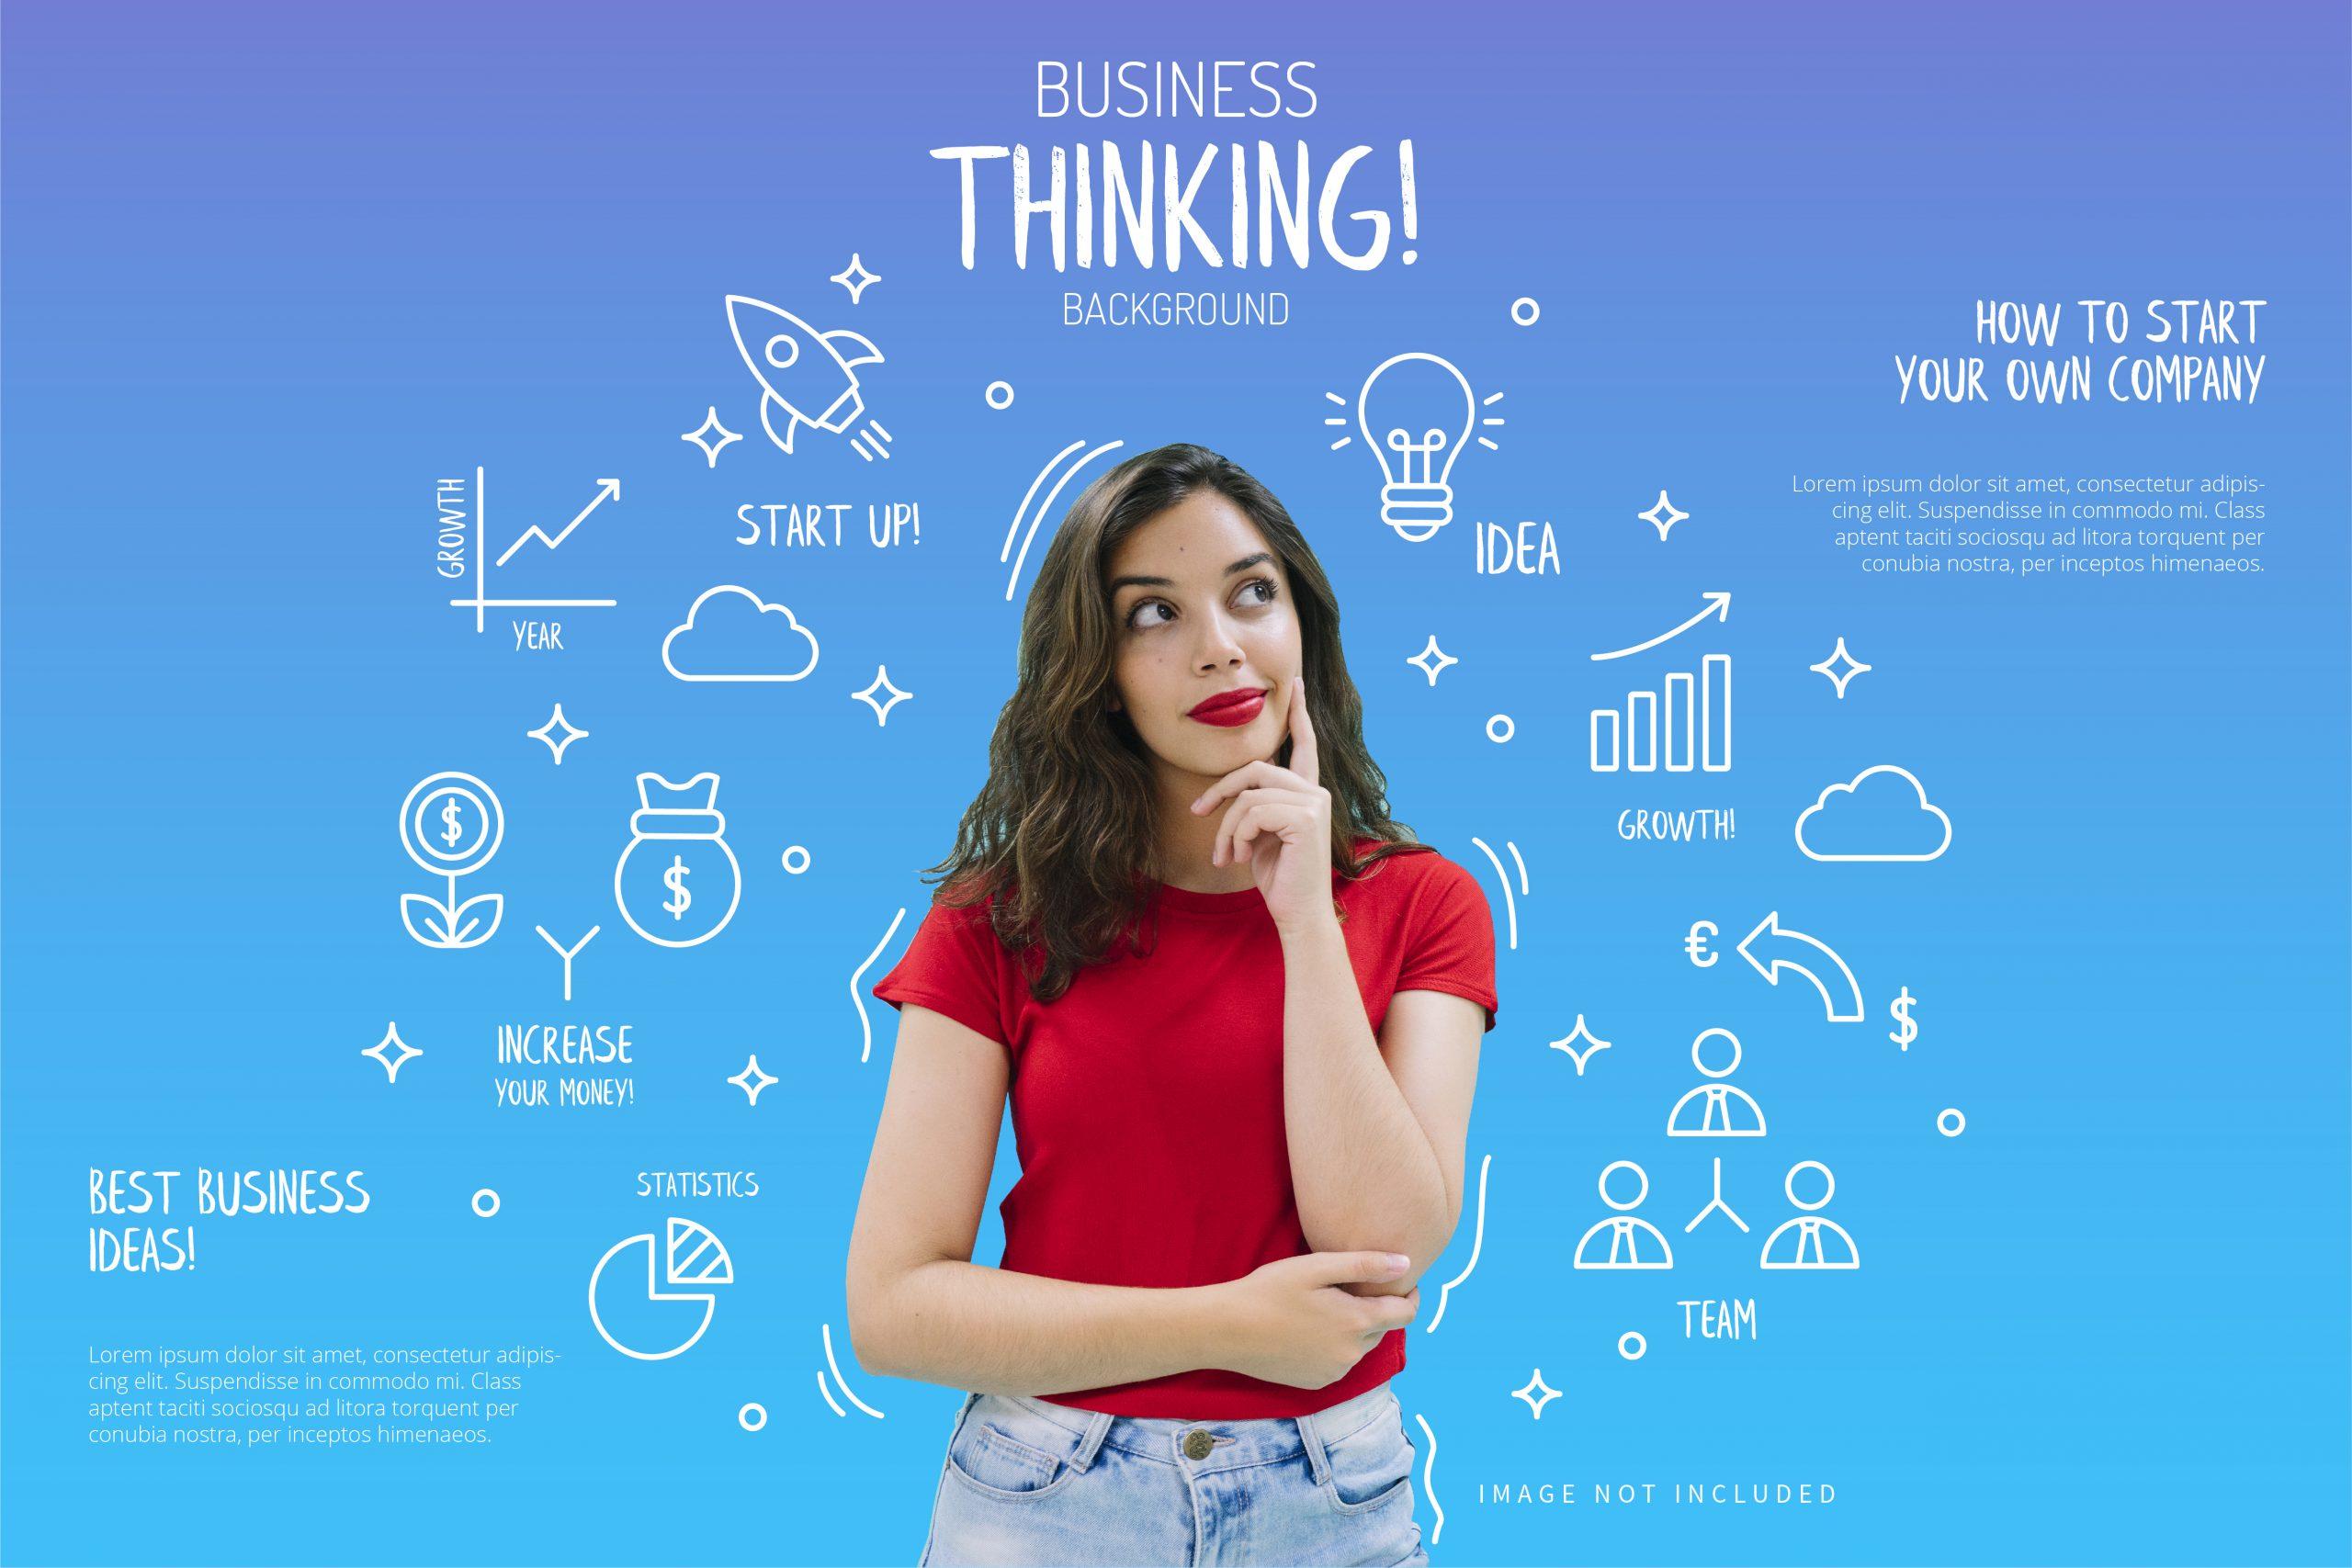 Ý tưởng kinh doanh là gì?